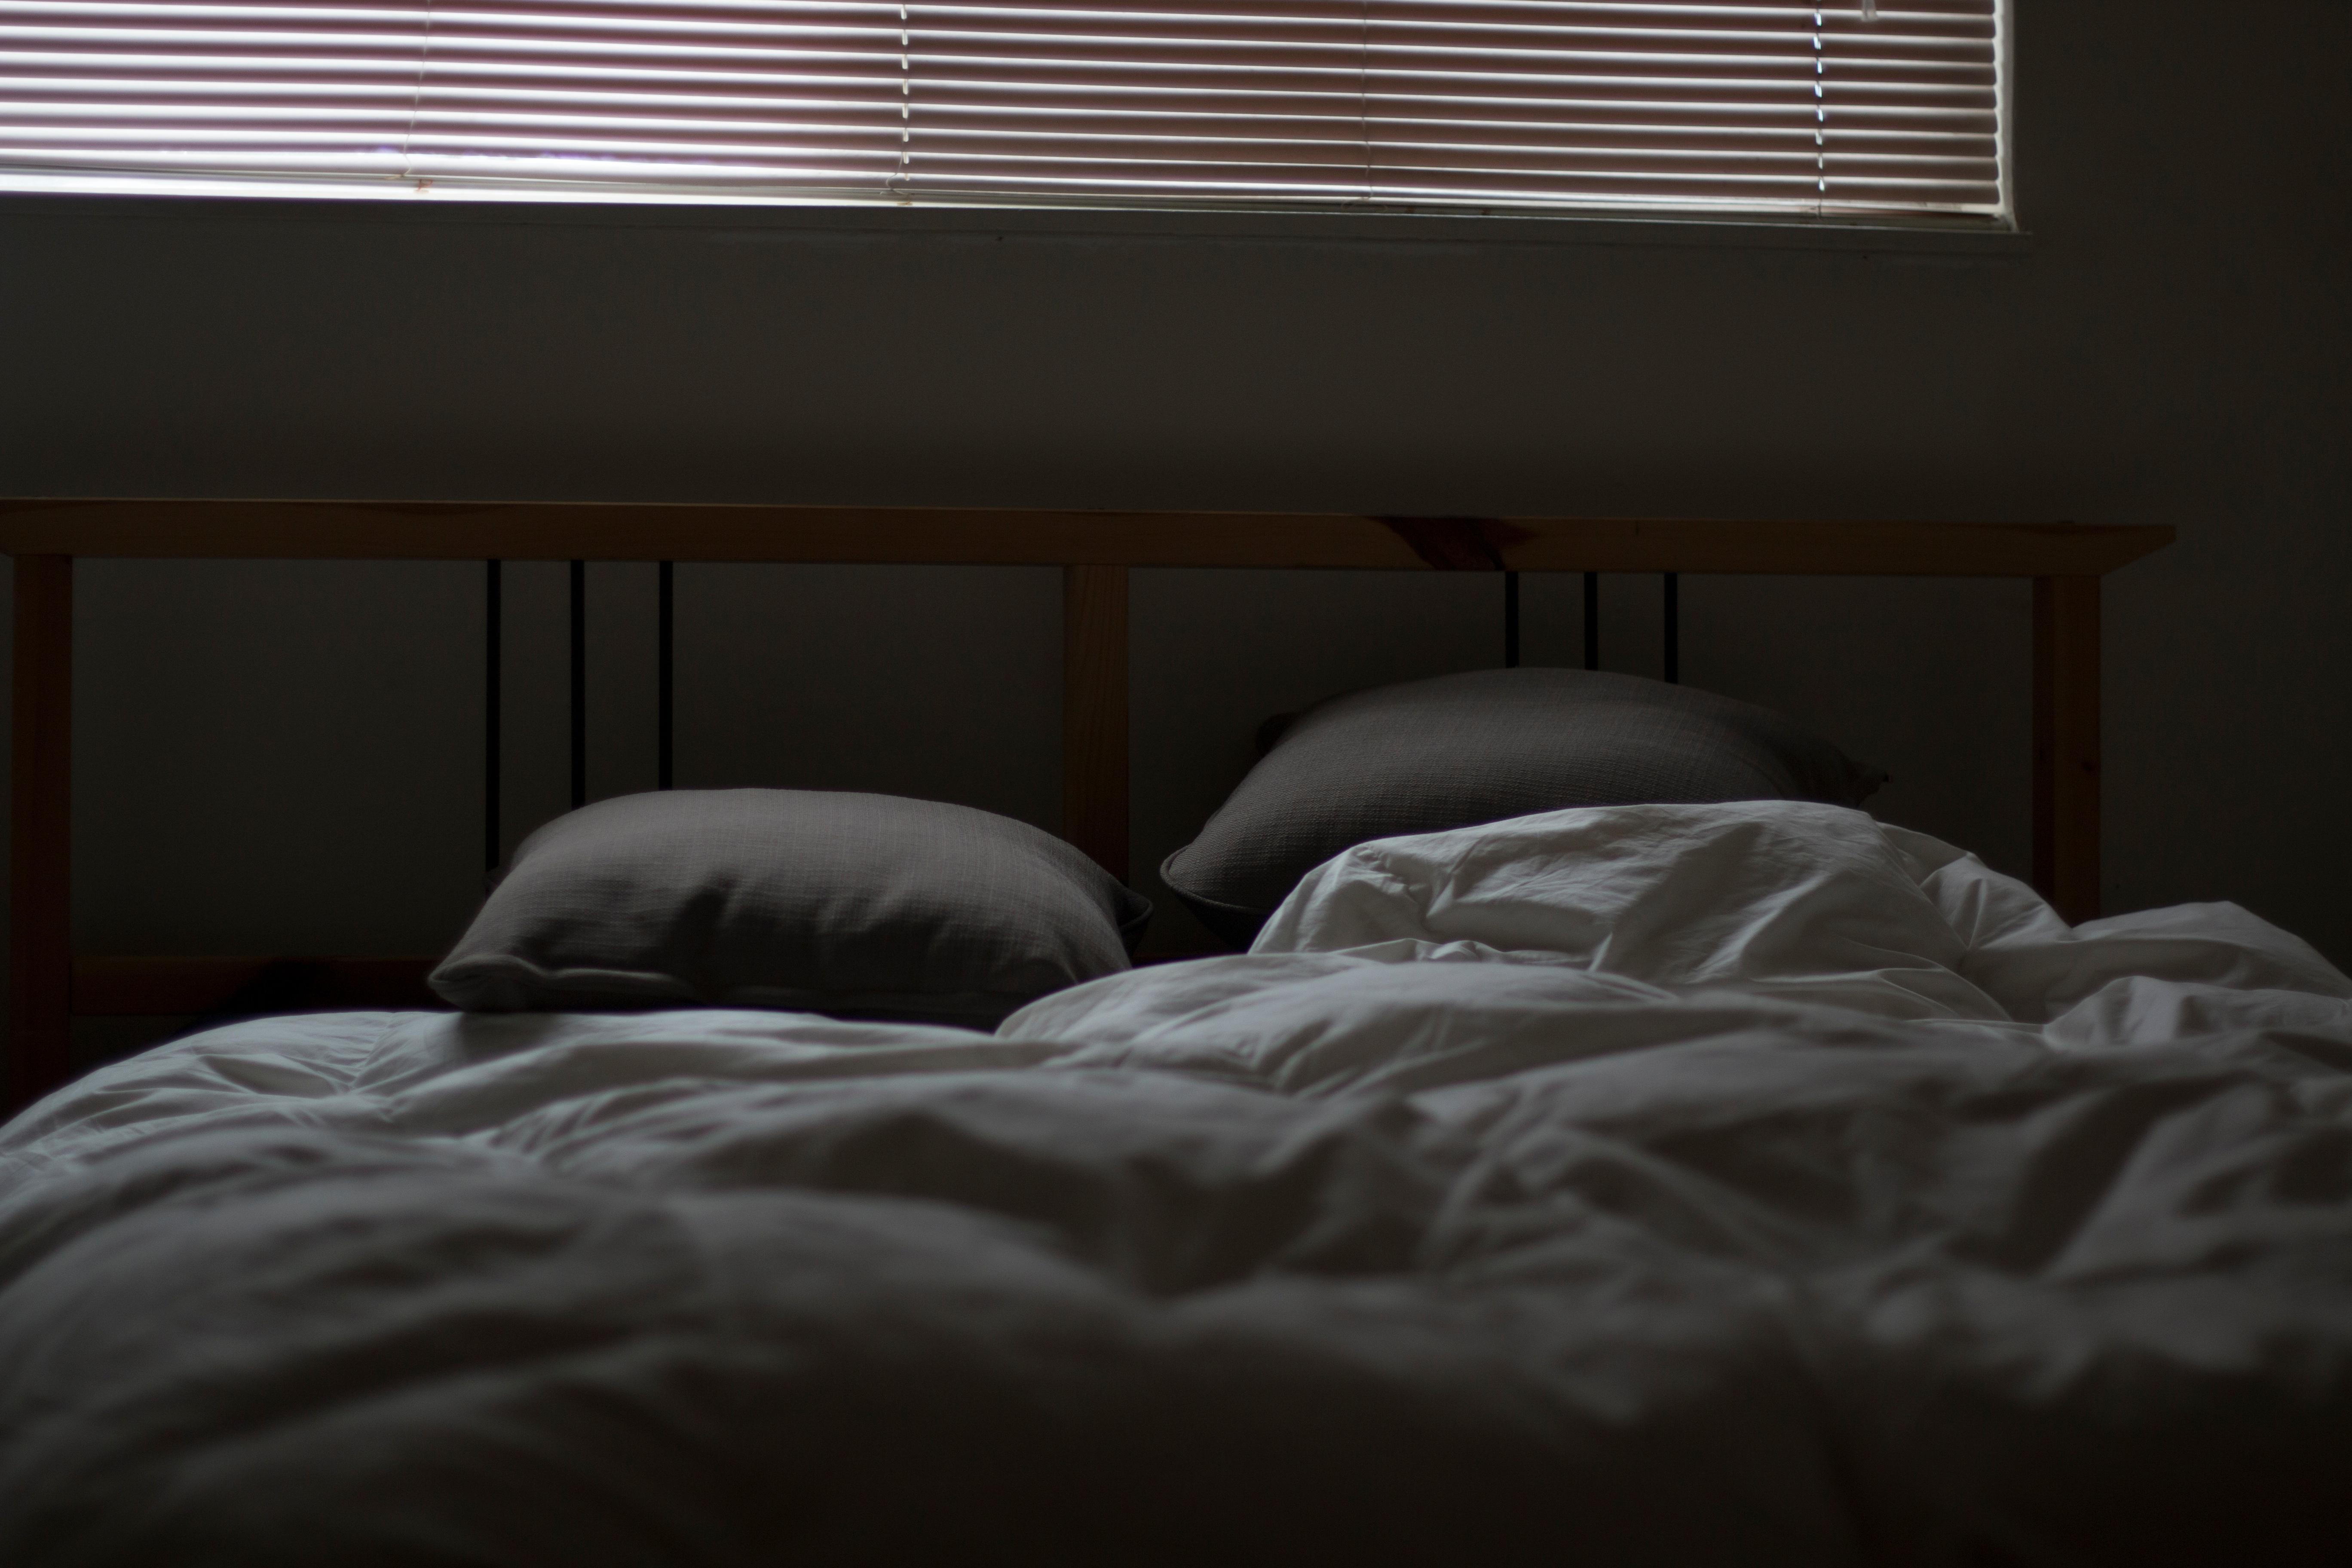 Gambar Jendela Mebel Bantal Kamar Tidur Selimut